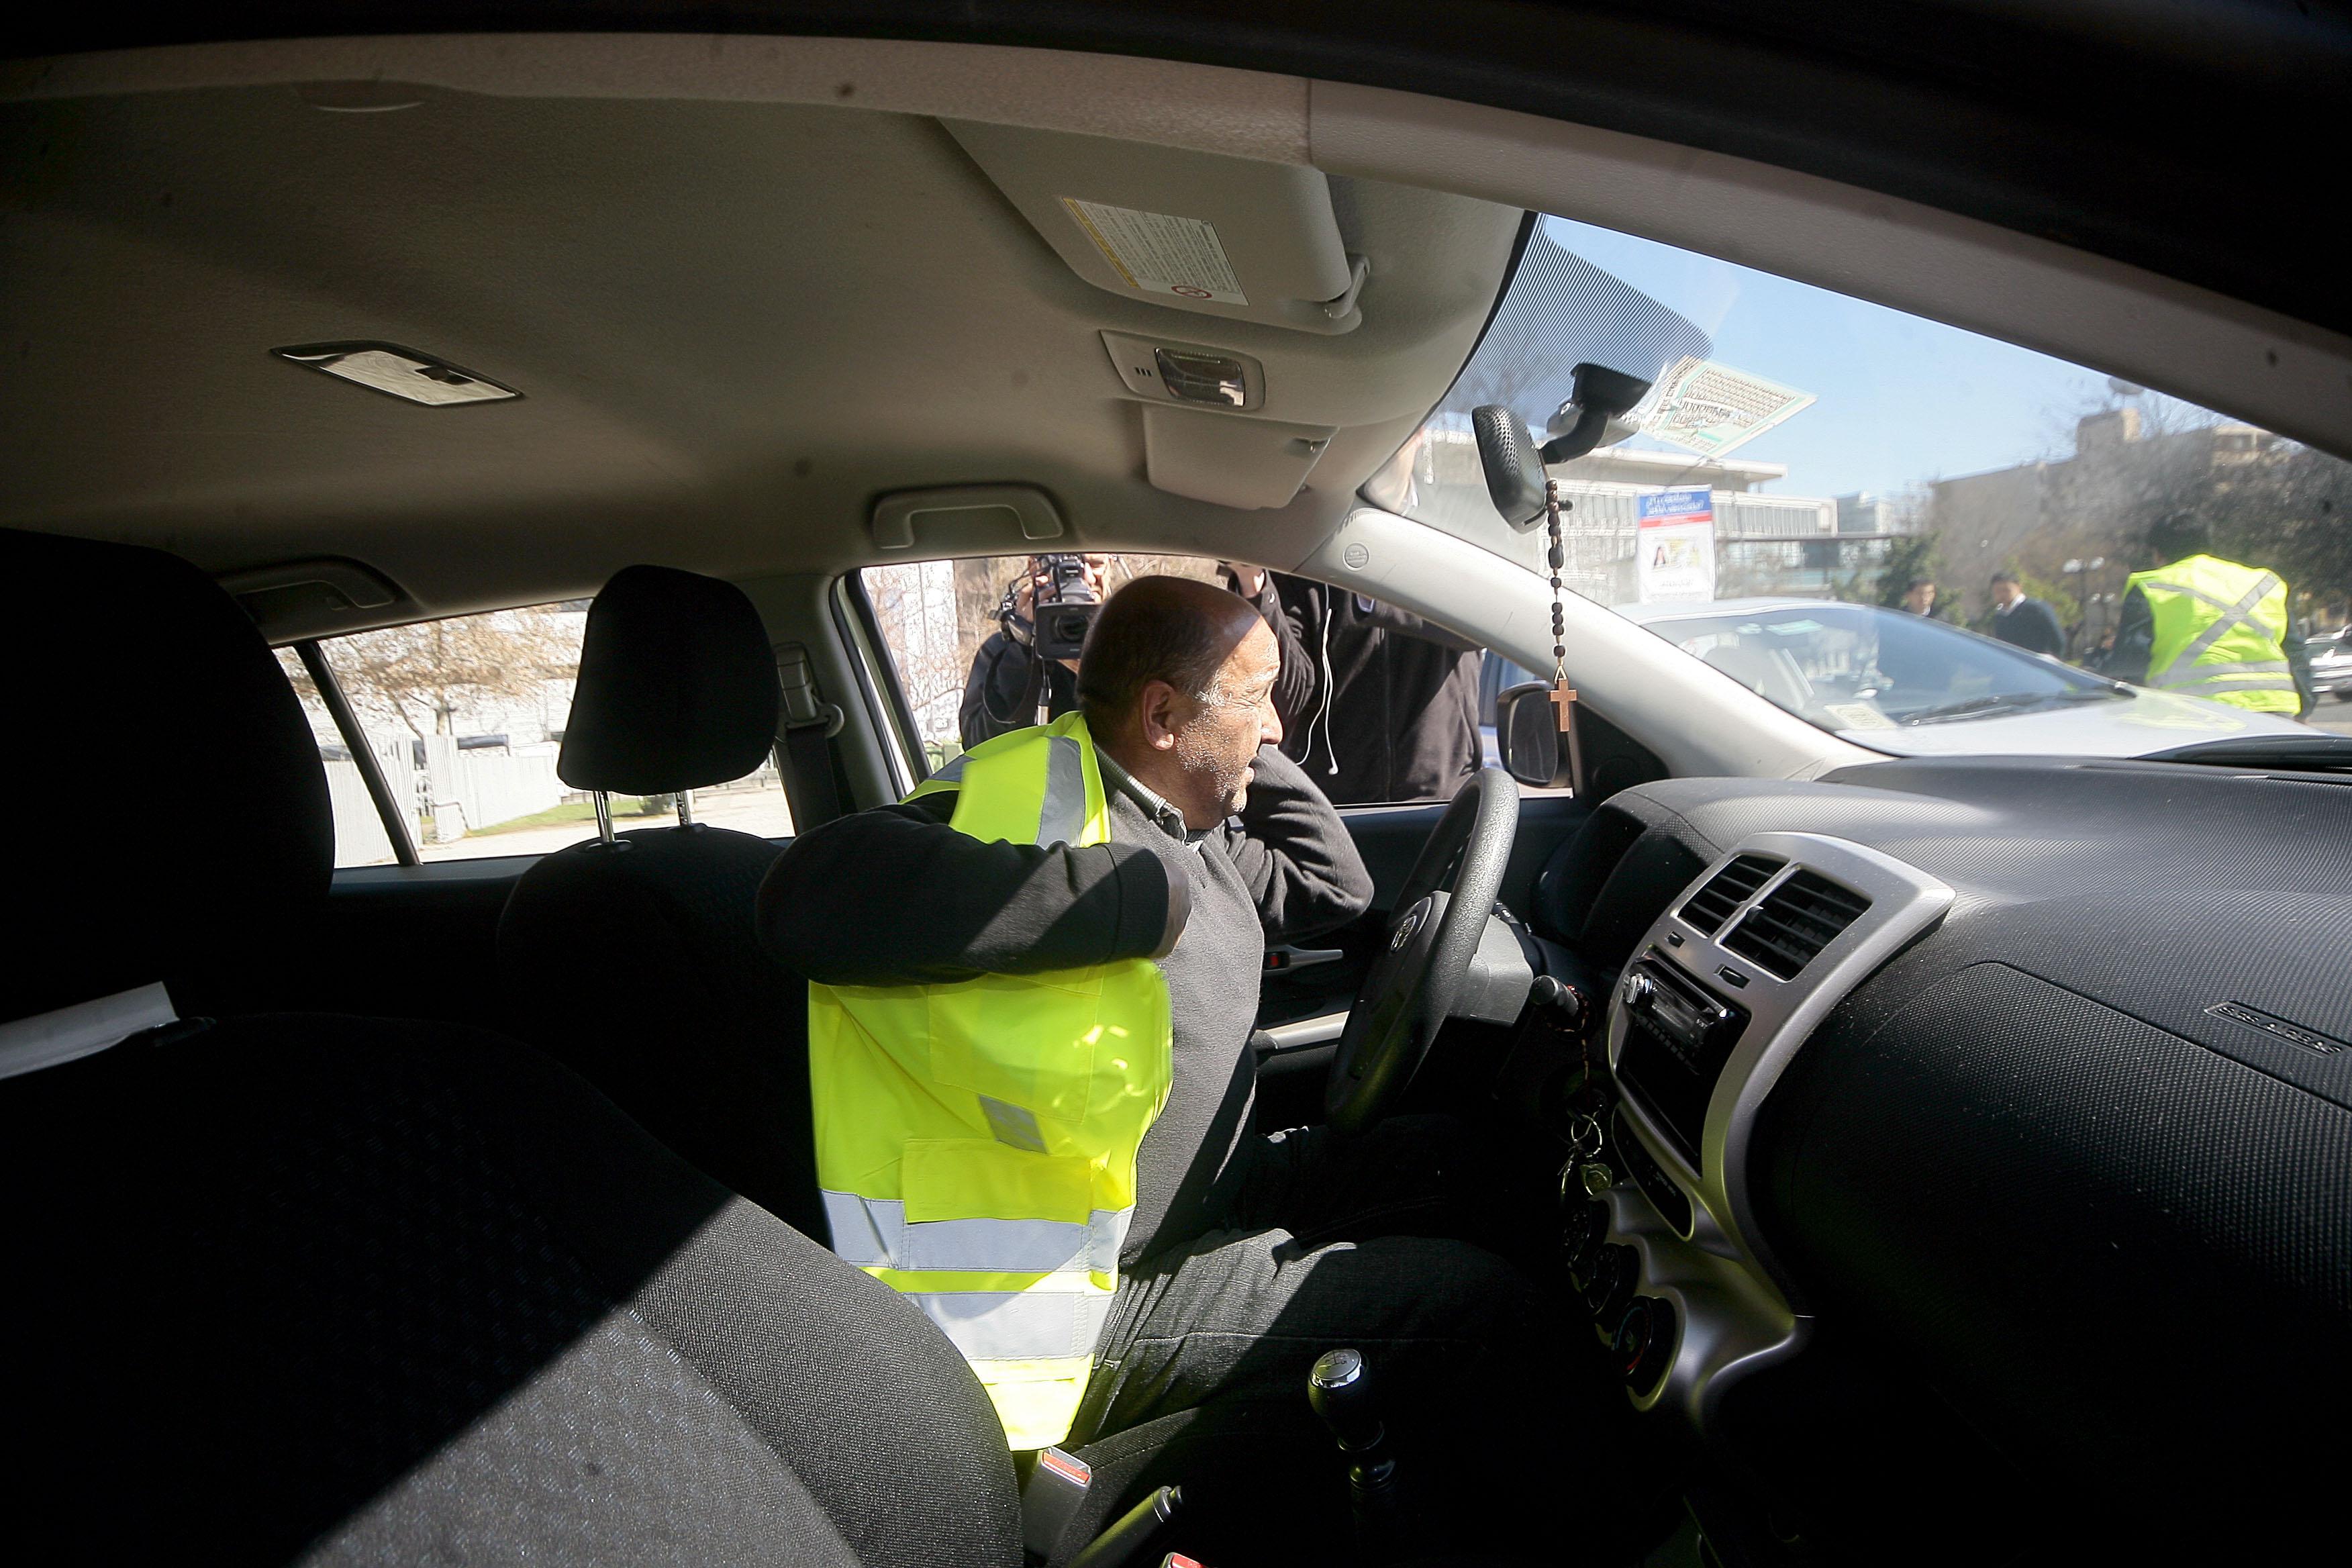 30 de Agosto de 2014/SANTIAGO_. Un conductor demuestra  el uso del chaleco reflectante como parte del kit de seguridad básico de los vehículos el cual sera obligatorio como parte de un nuevo decreto de seguridad.  FOTO: PEDRO CERDA/AGENCIAUNO